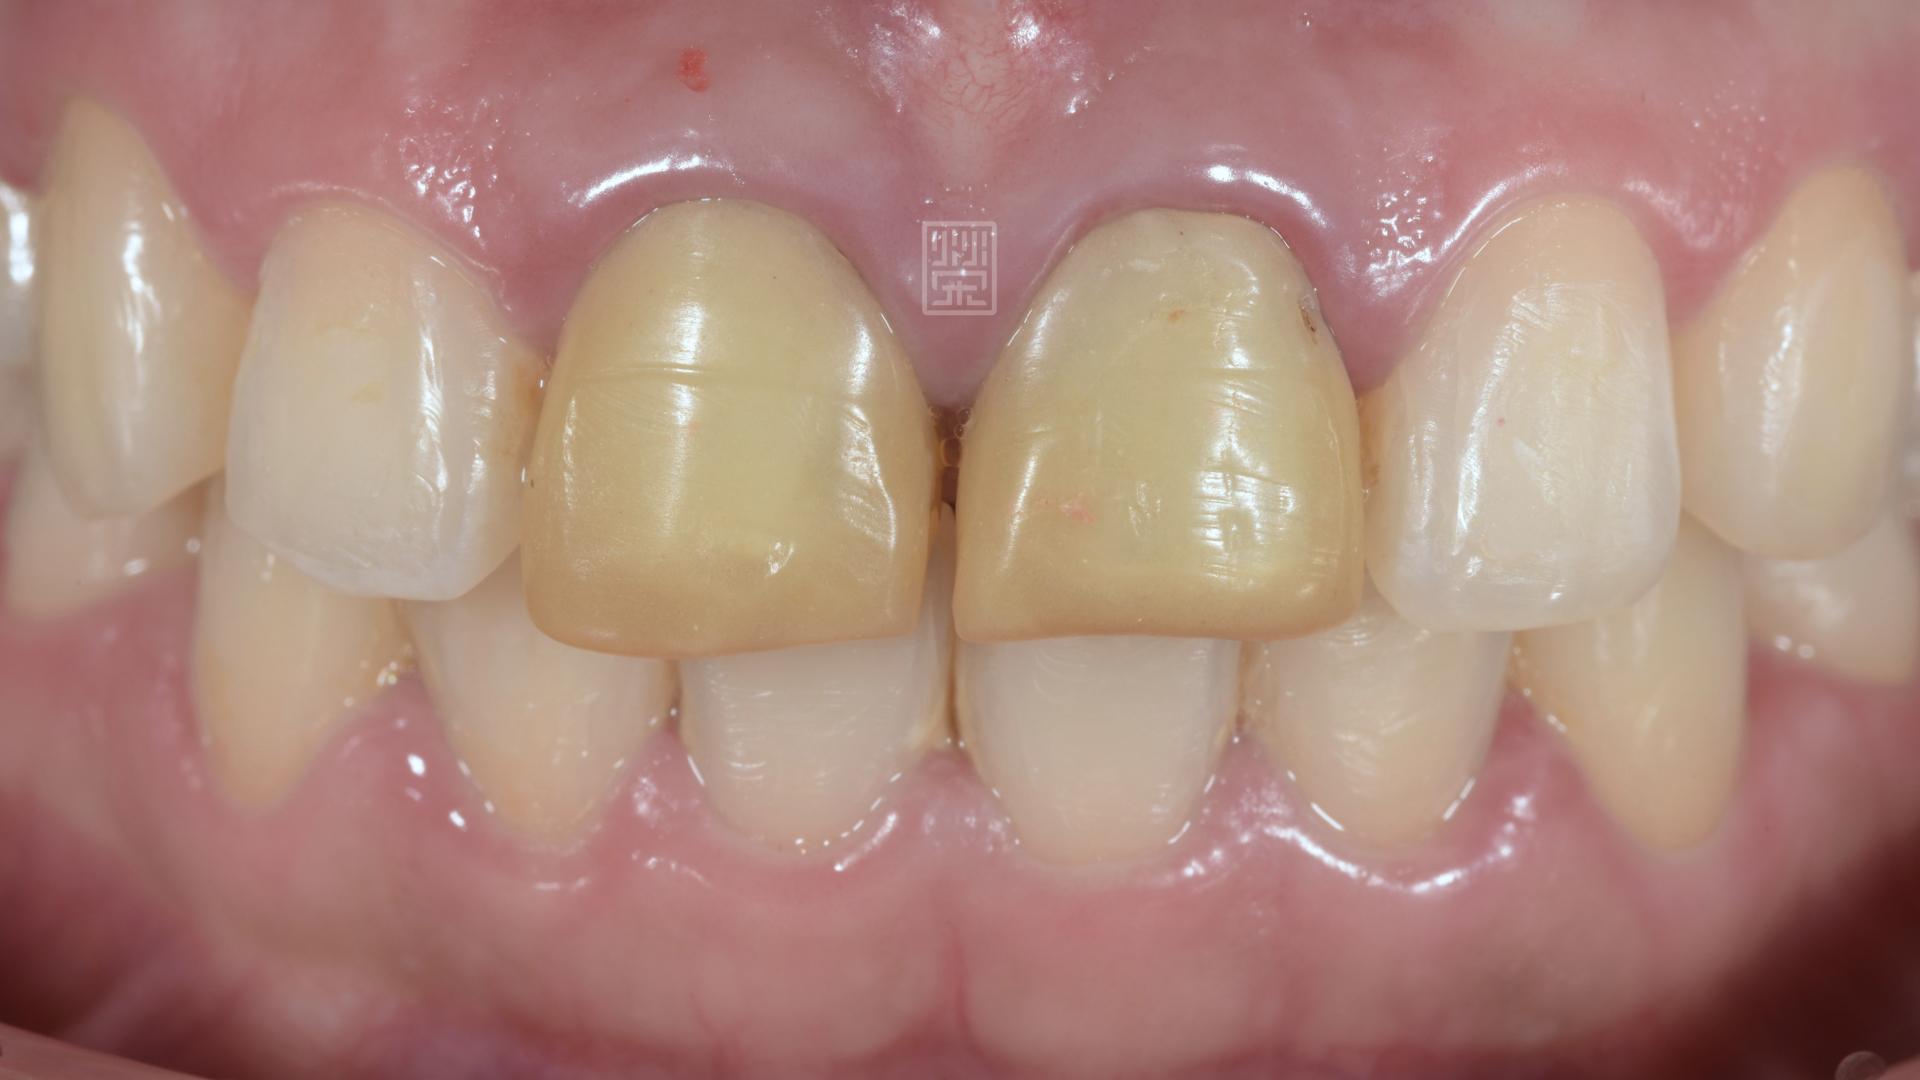 經歷矯正後,臨時假牙變黃